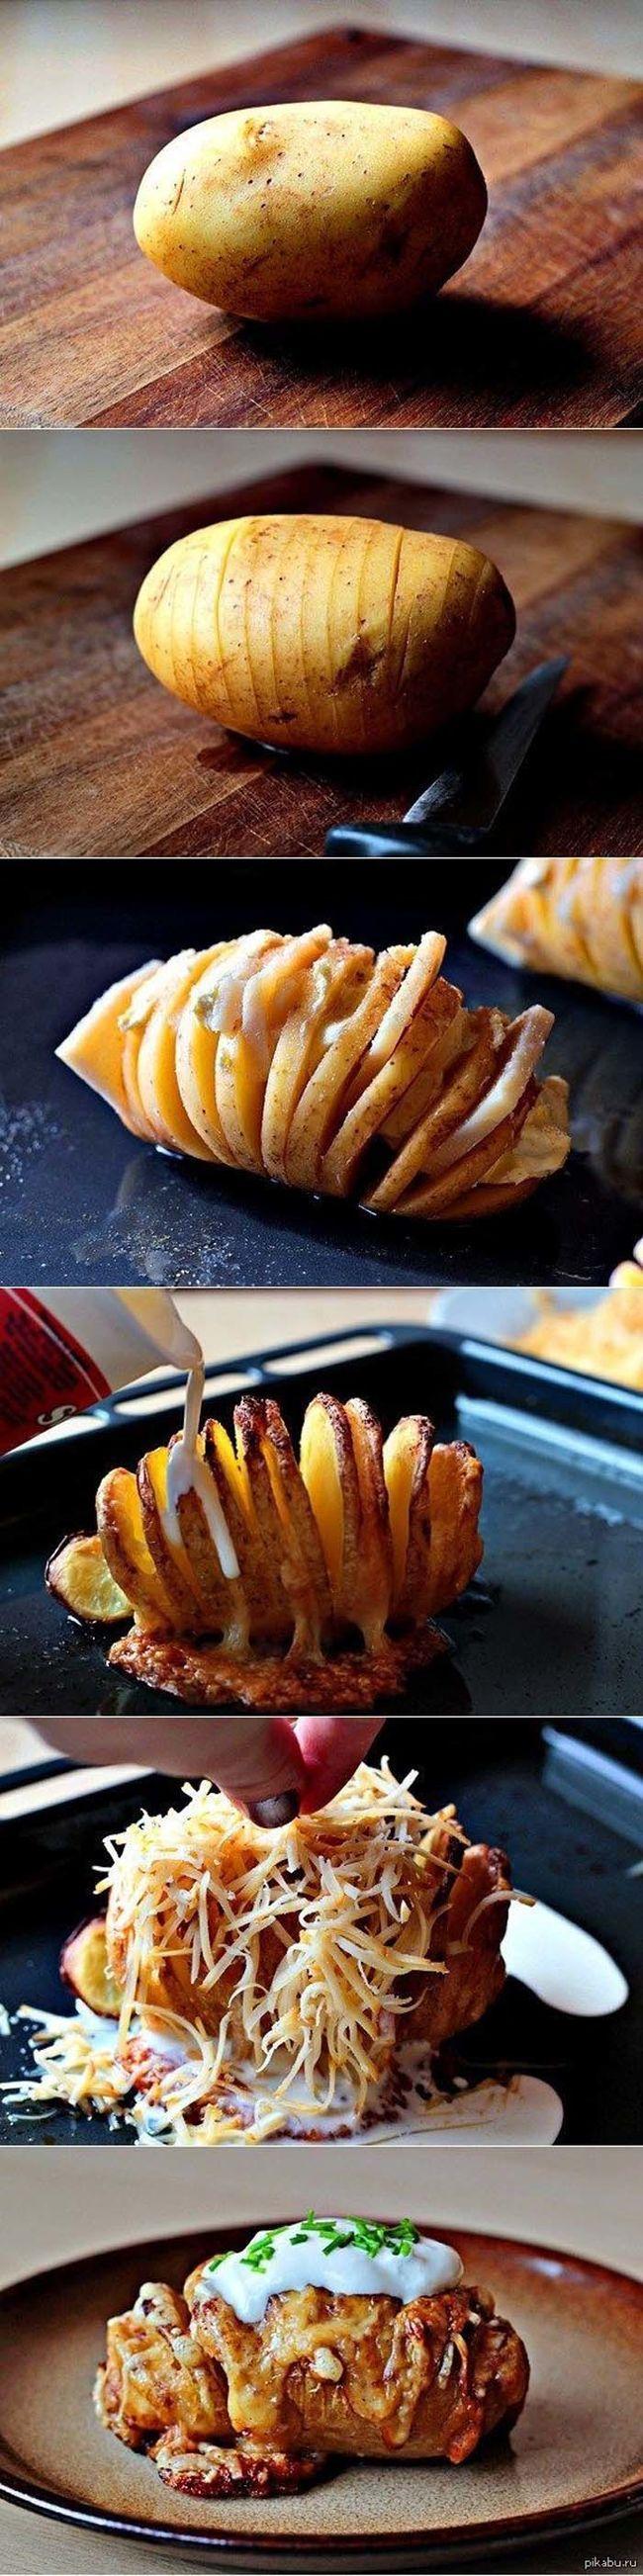 20.) Cortar una papa al horno y llenarlo con queso y coberturas antes de hornearlo. Será glorioso .: